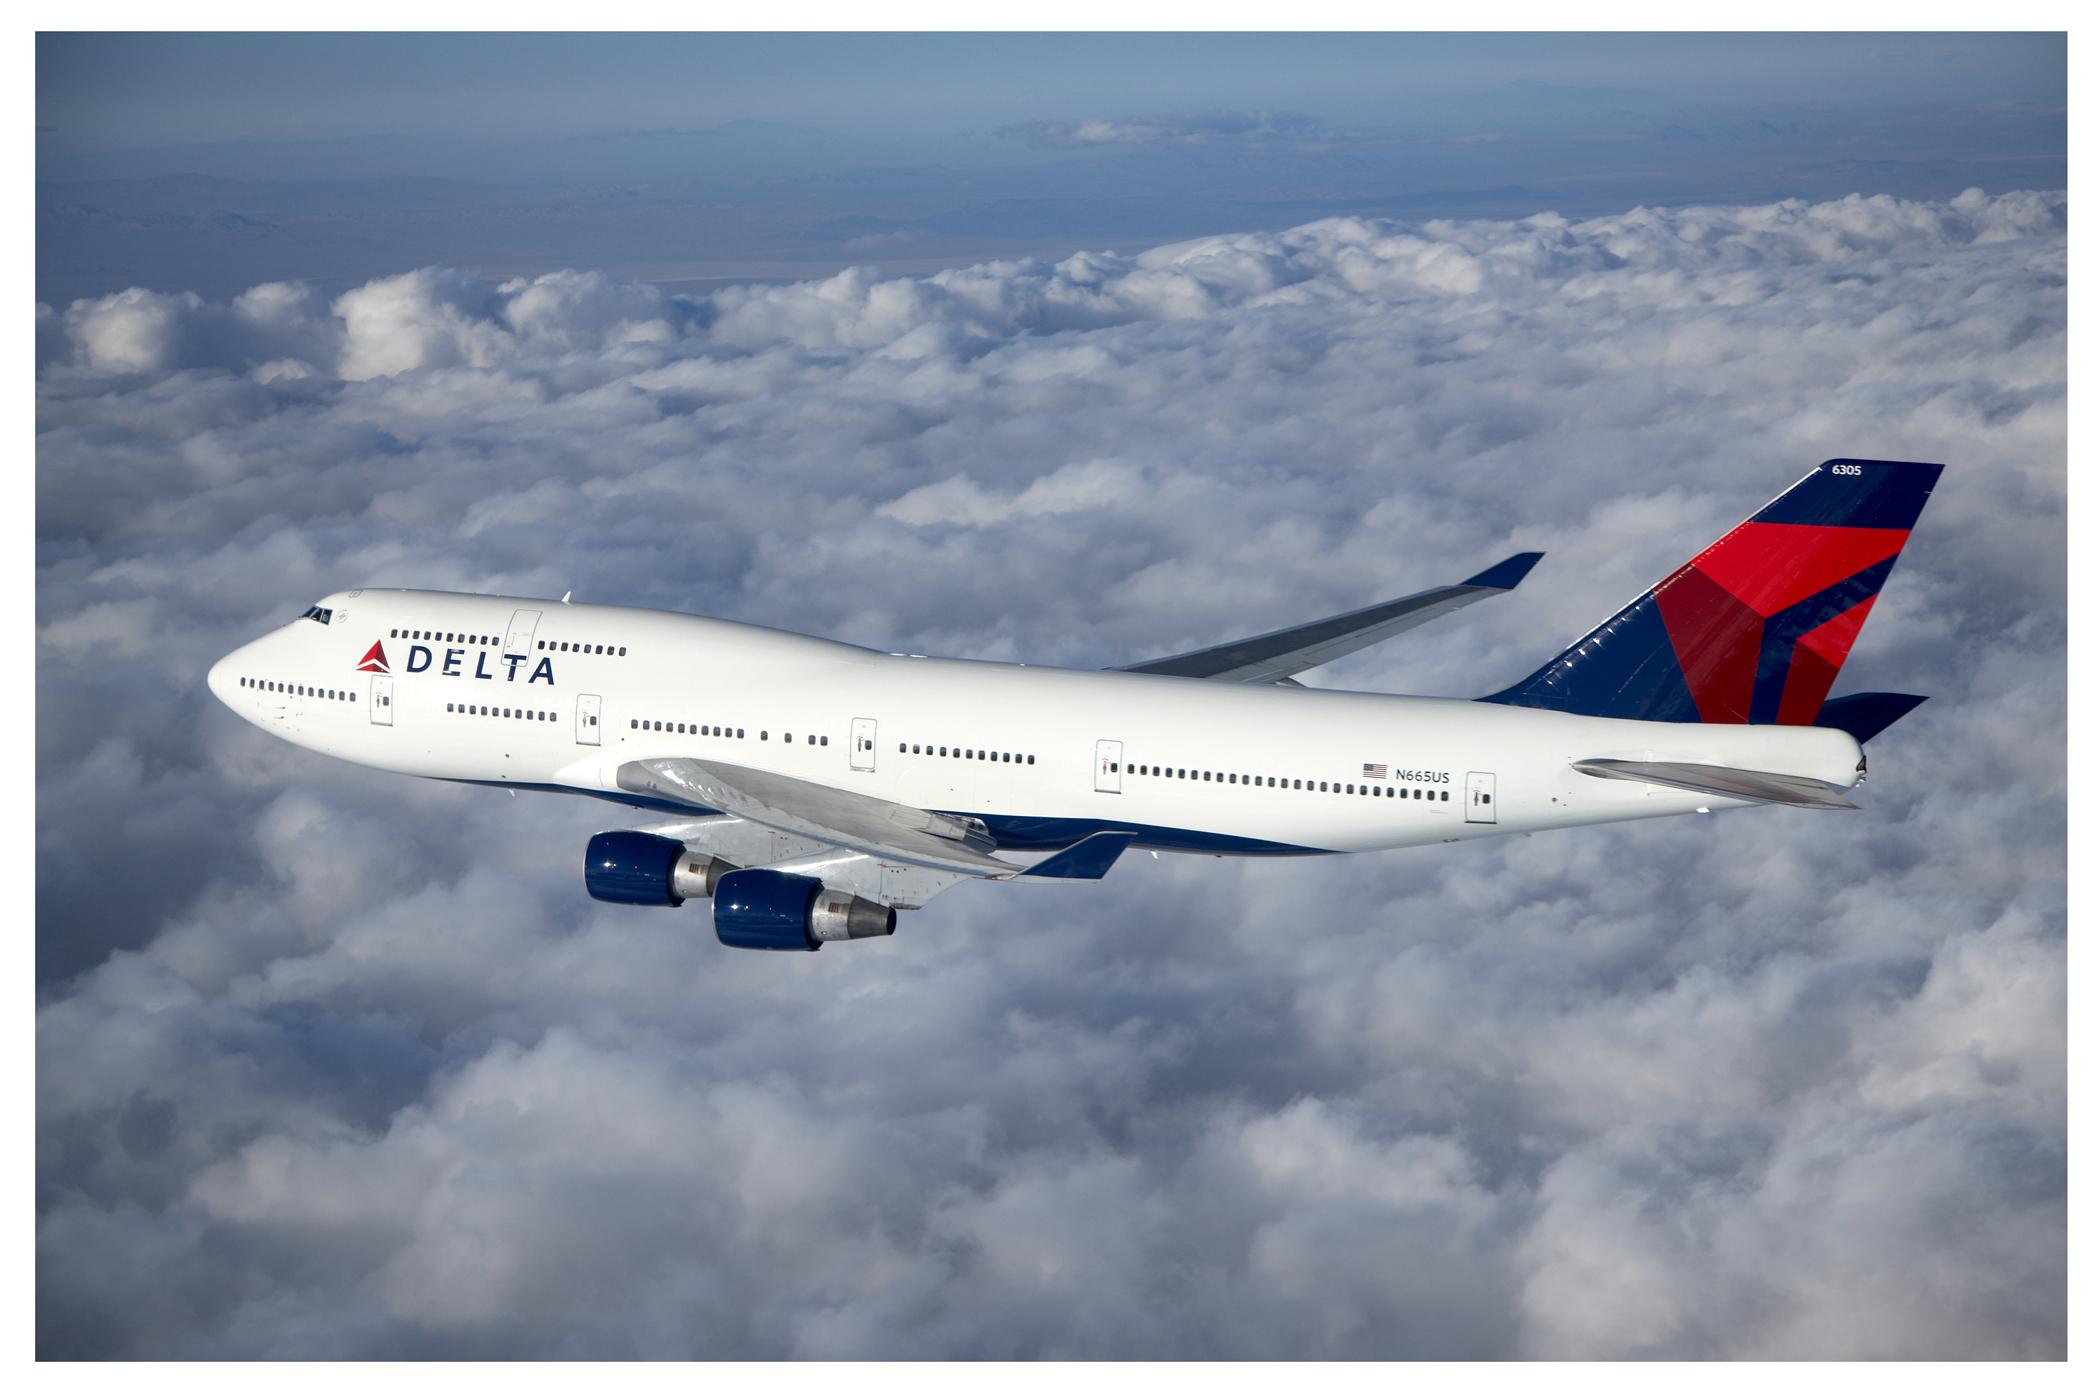 Delta Air Lines / Toți călătorii rutelor transatlantice vor beneficia de Wi-Fi la bordul aeronavelor